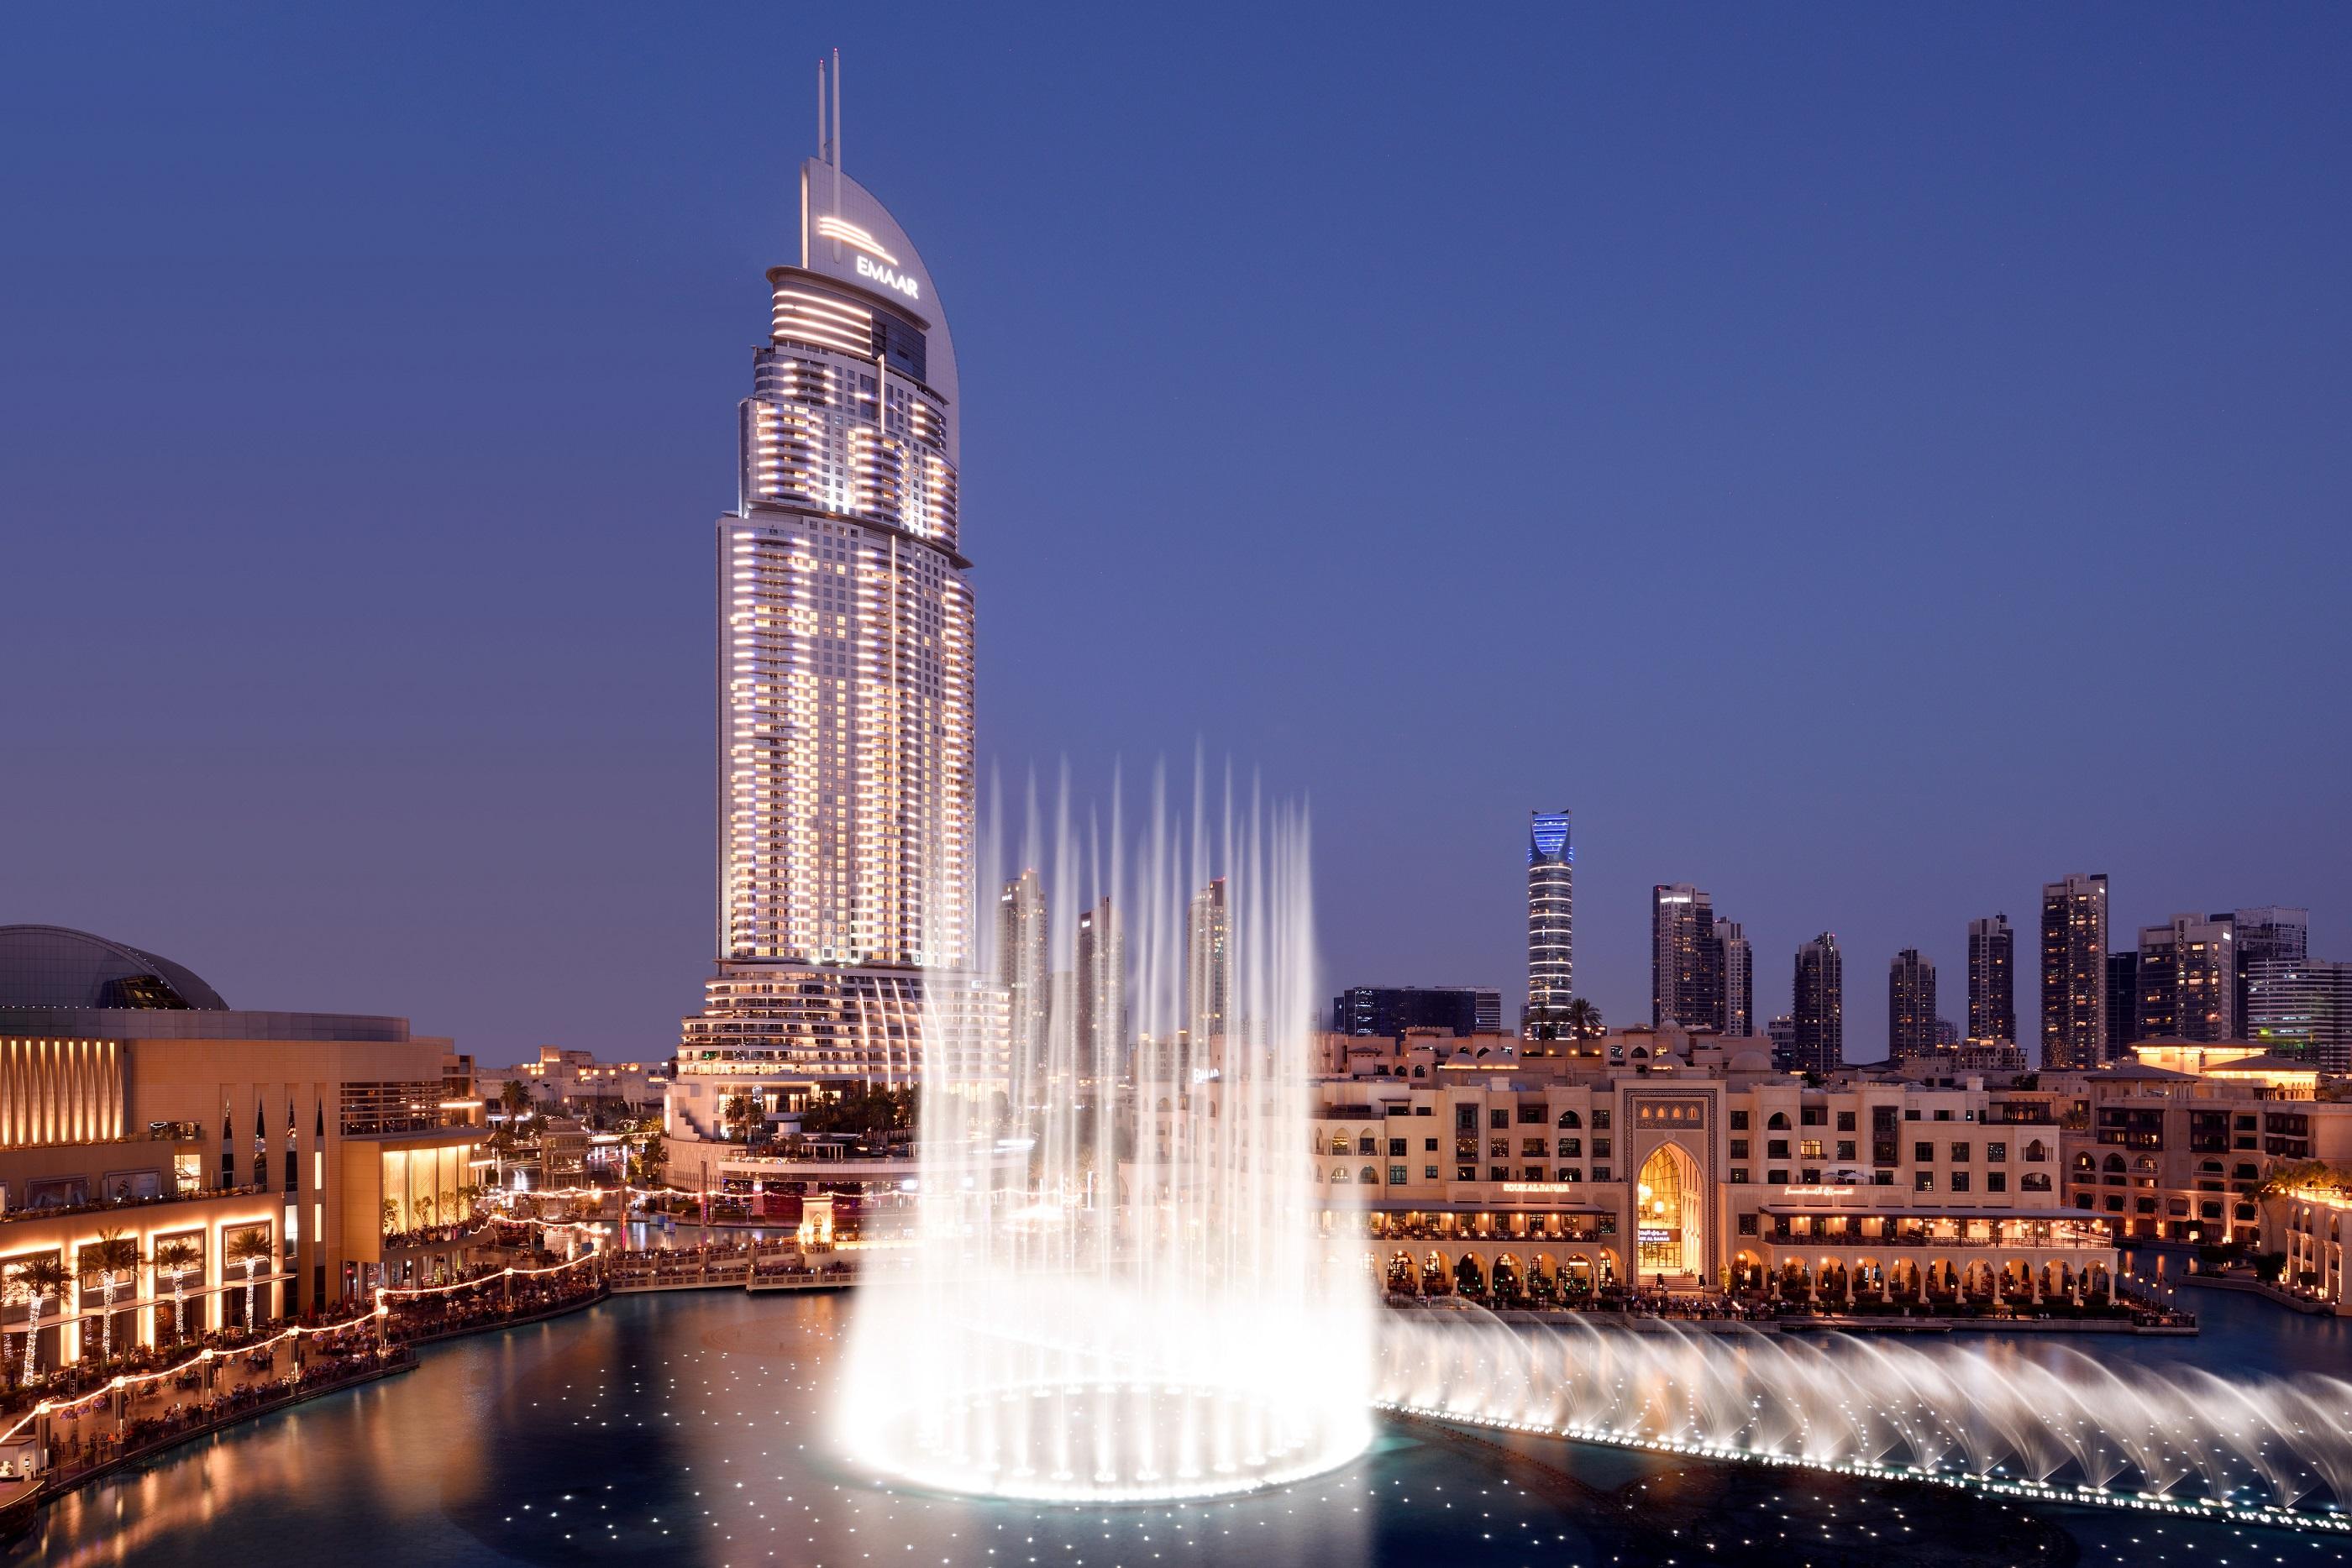 أفضل الأماكن الساحره في دبي